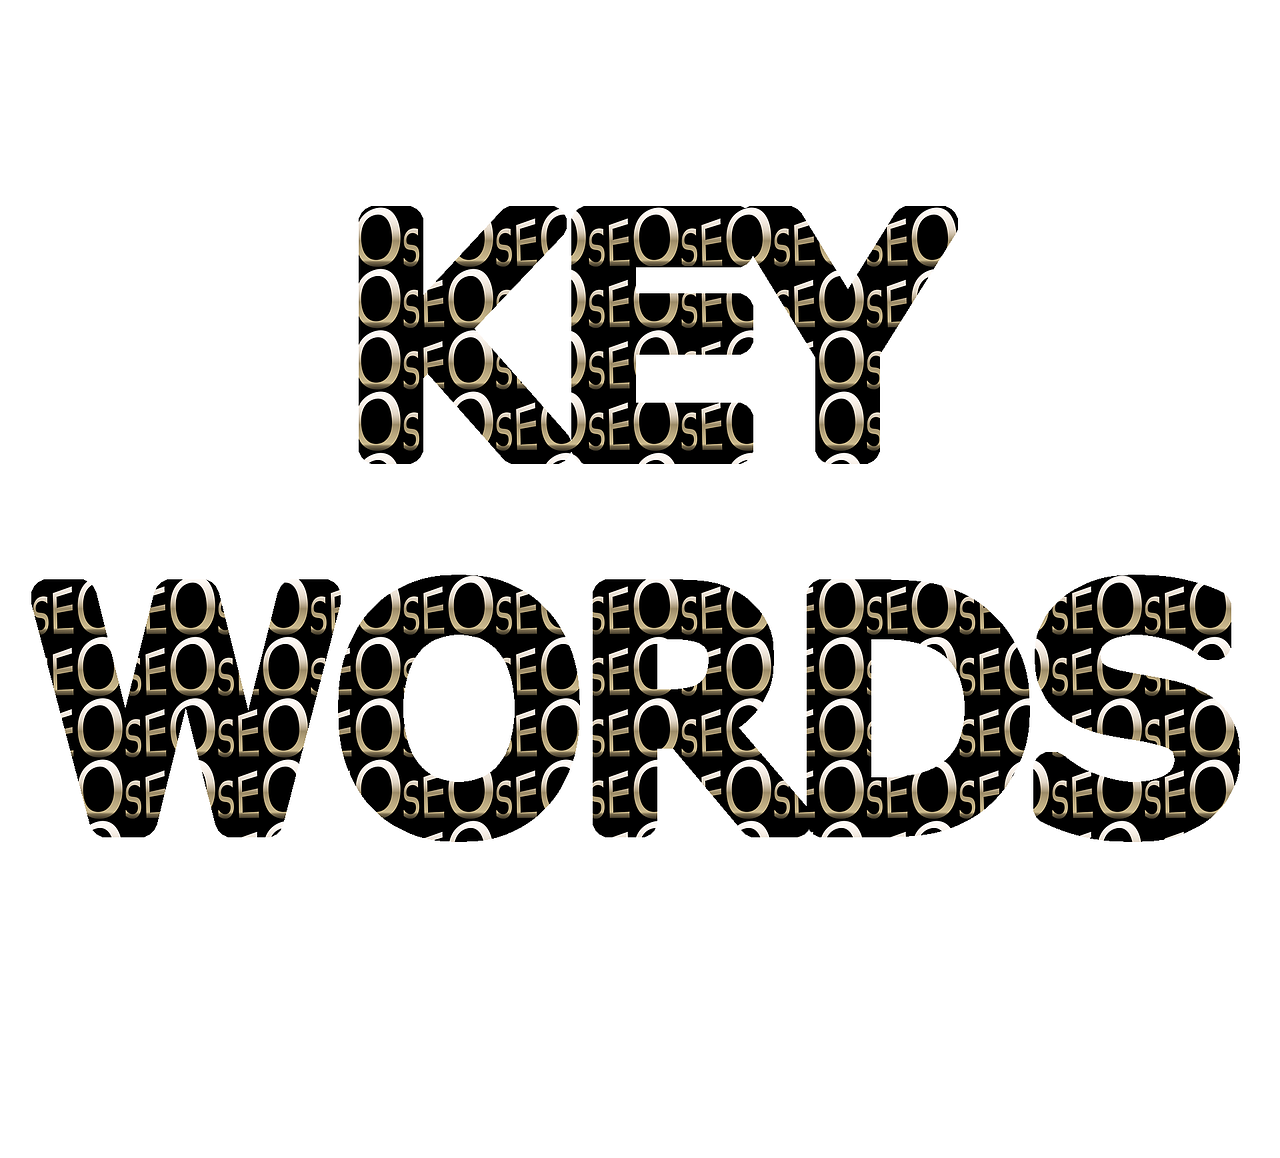 słowa kluczowe - długi ogon